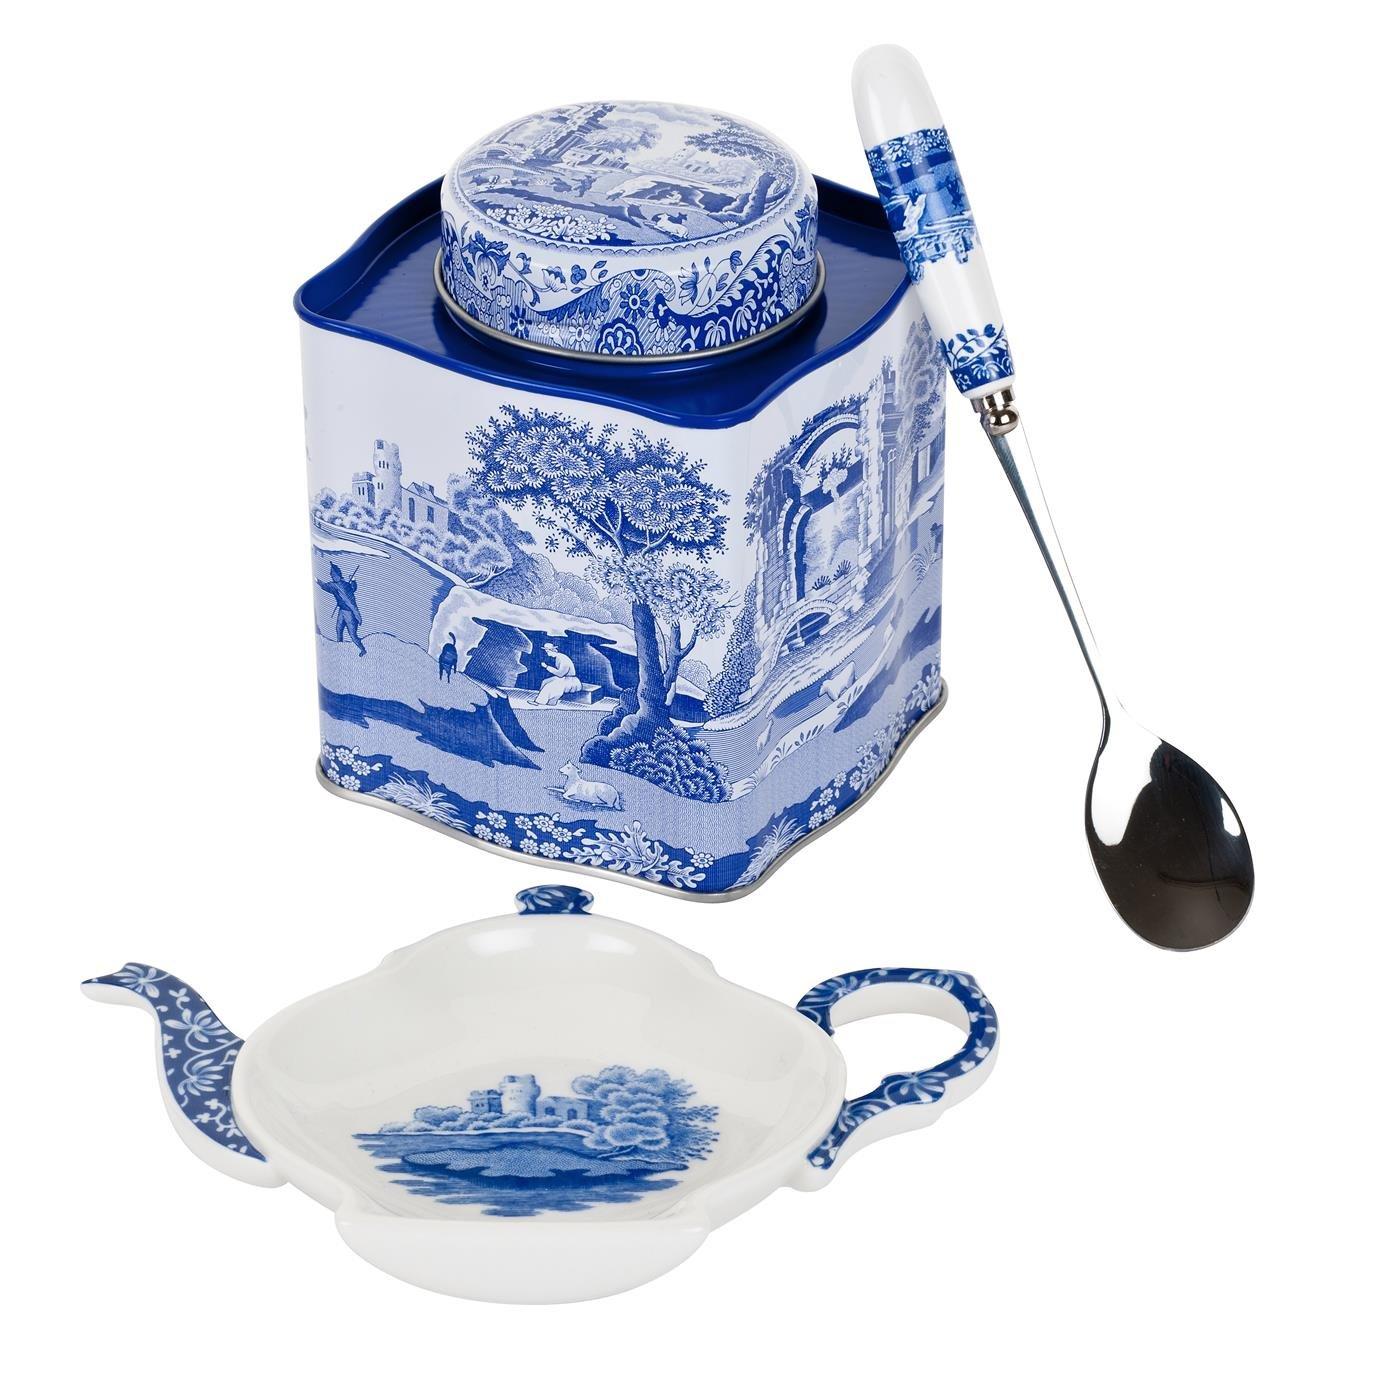 Blue Italian - Set da tè con piattino a teiera, Cucchiaio e Contenitore, Porcellana e Latta, Colore: Blu/Bianco Spode X0019008337